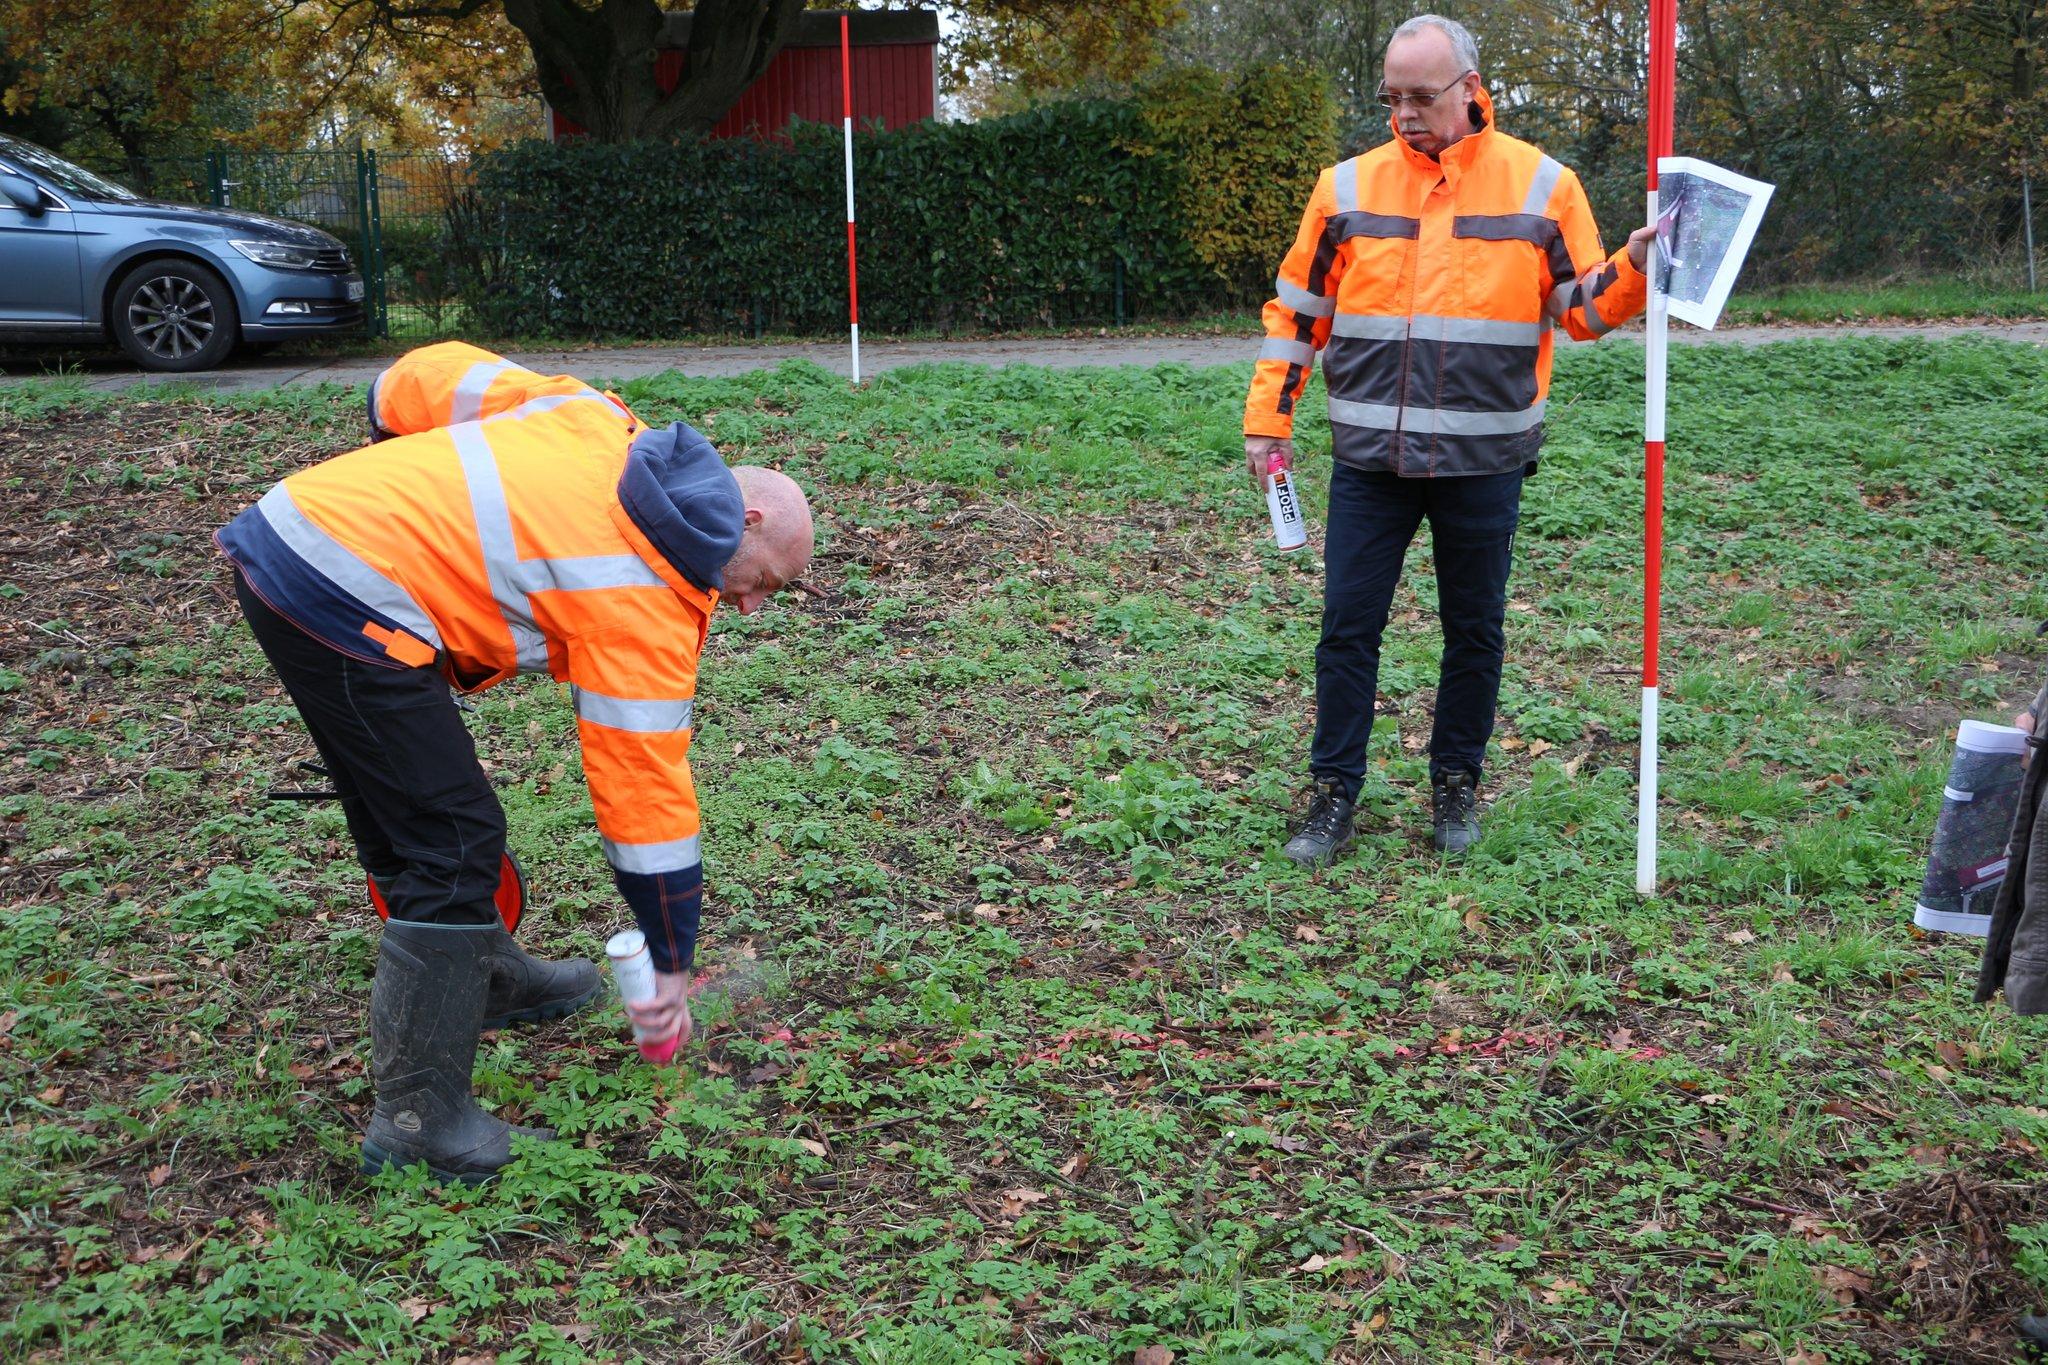 Baumchallenge geht weiter: Pflanzfeld in Wolfhagen ist vollständig mit Baumspenden gefüllt - Lokalkompass.de